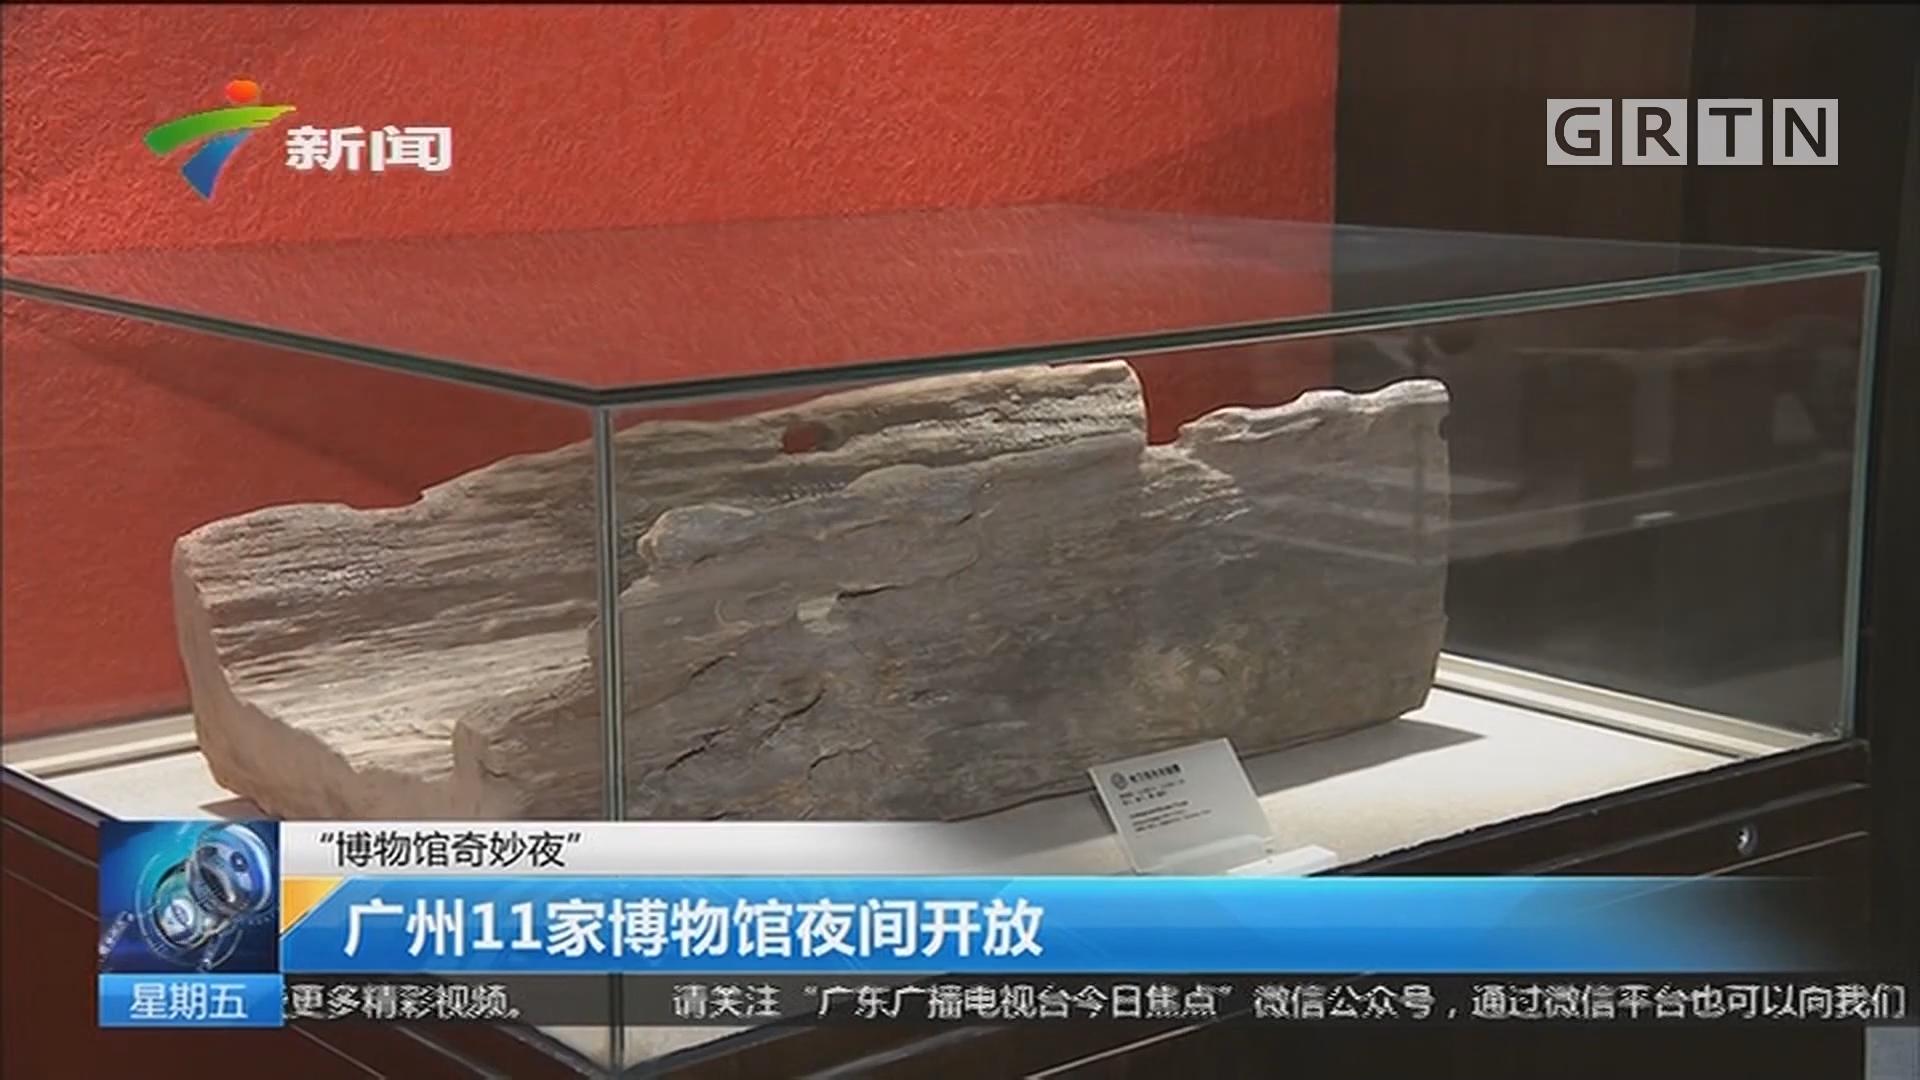 """""""博物馆奇妙夜"""" 广州11家博物馆夜间开放"""